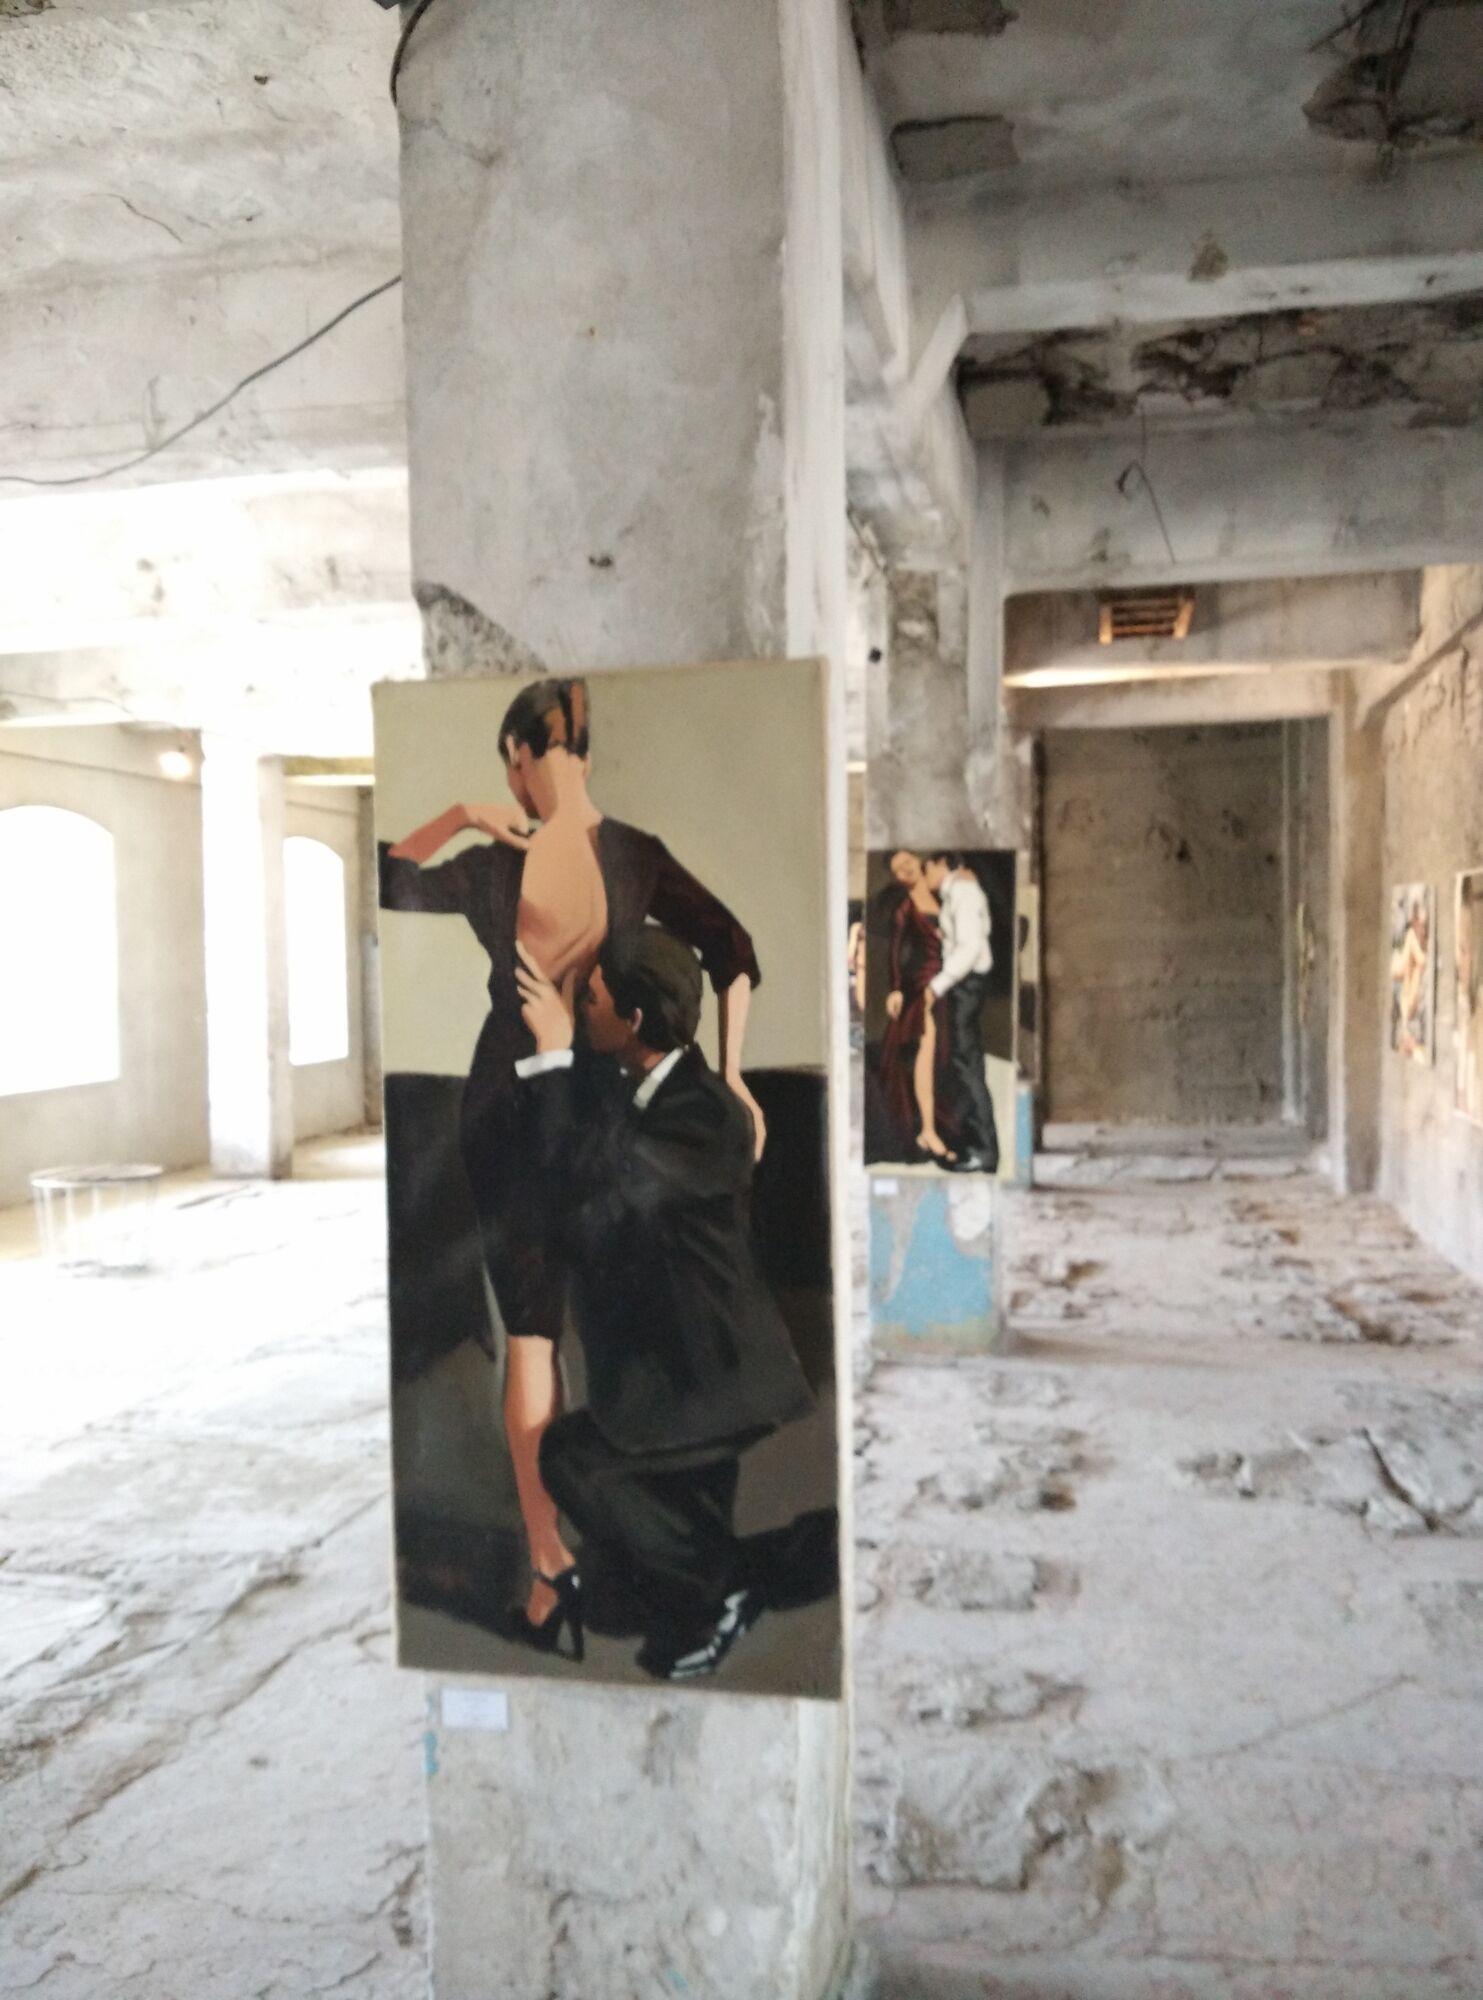 Запорожцам показывают эротический поп-арт от немецкого художника